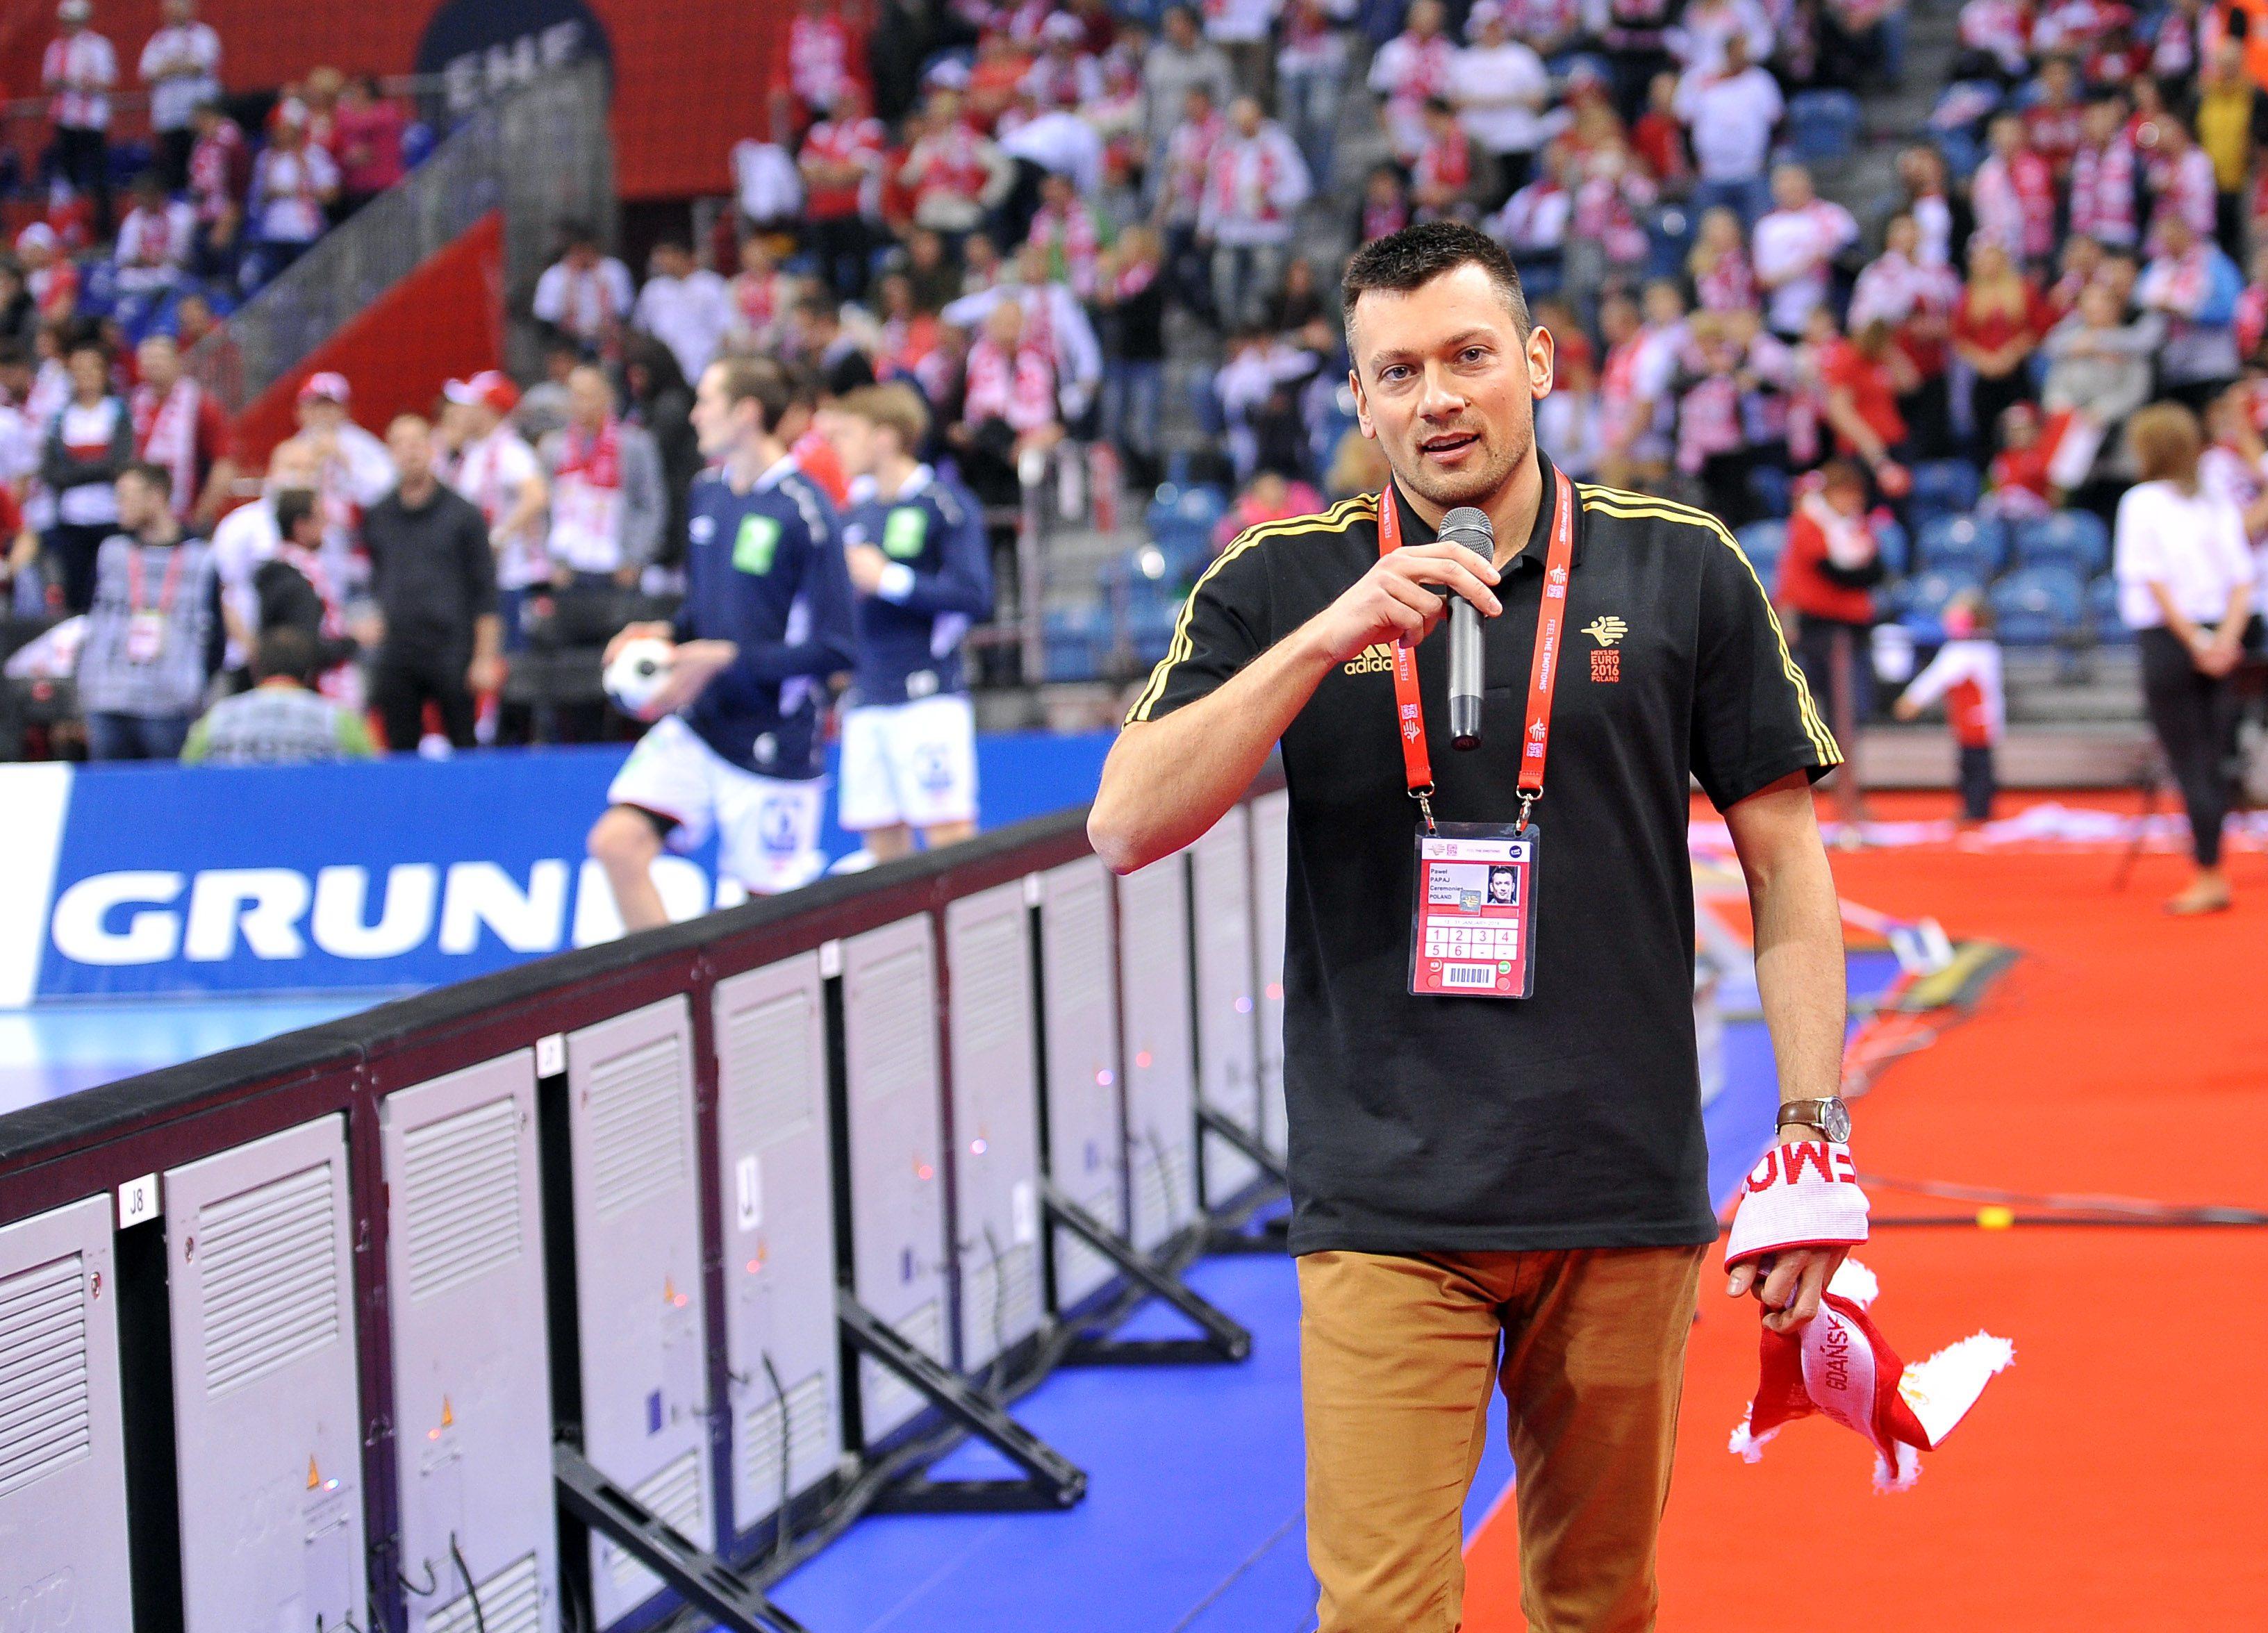 2016.01.23 Krakow Pilka reczna EHF Euro 2016 Mistrzostwa Europy w pilce recznej mezczyzn Runda Glowna Grupa 1 Polska - Norwegia N/Z Pawel Papaj Foto Norbert Barczyk / Pressfocus 2016.01.23 Krakow Handball EHF Mens Euro Poland 2016 Main Round Group 1 Poland - Norway N/Z Pawel Papaj Foto Norbert Barczyk / Pressfocus